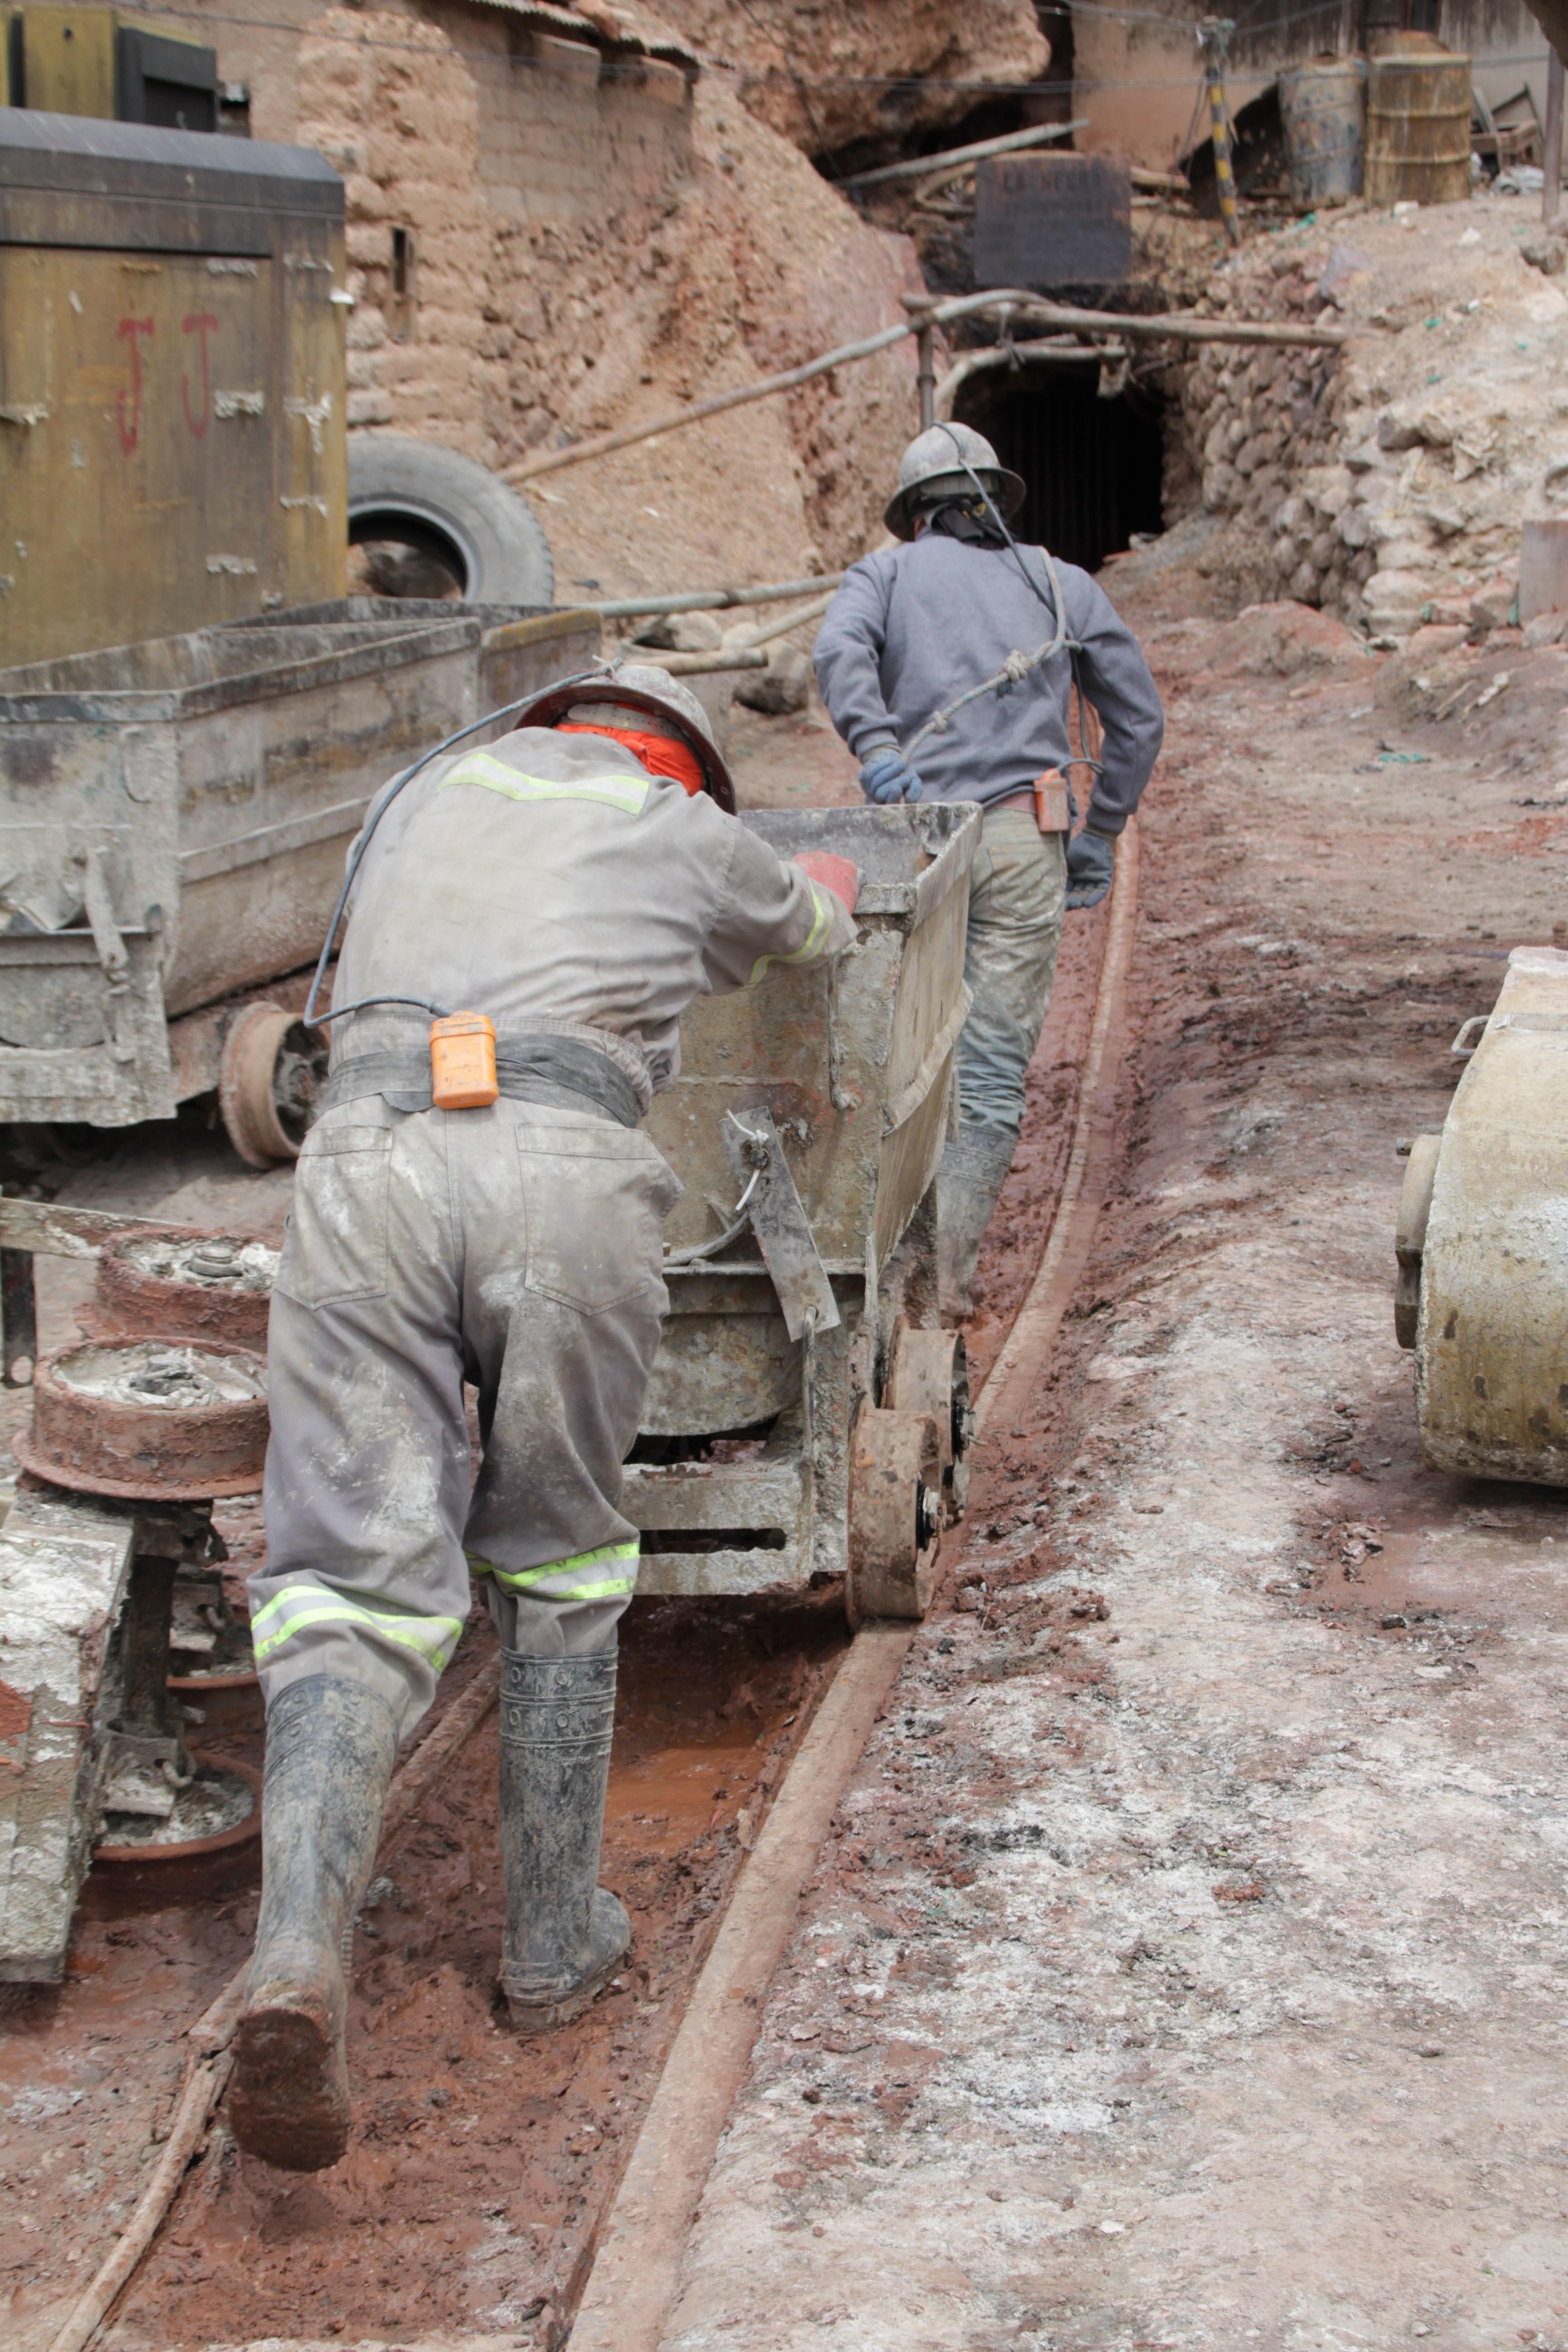 Sur le Cerro Rico, les mineurs poussent les charriots pour récolter les pierres dans la mine (© Jérôme Decoster).